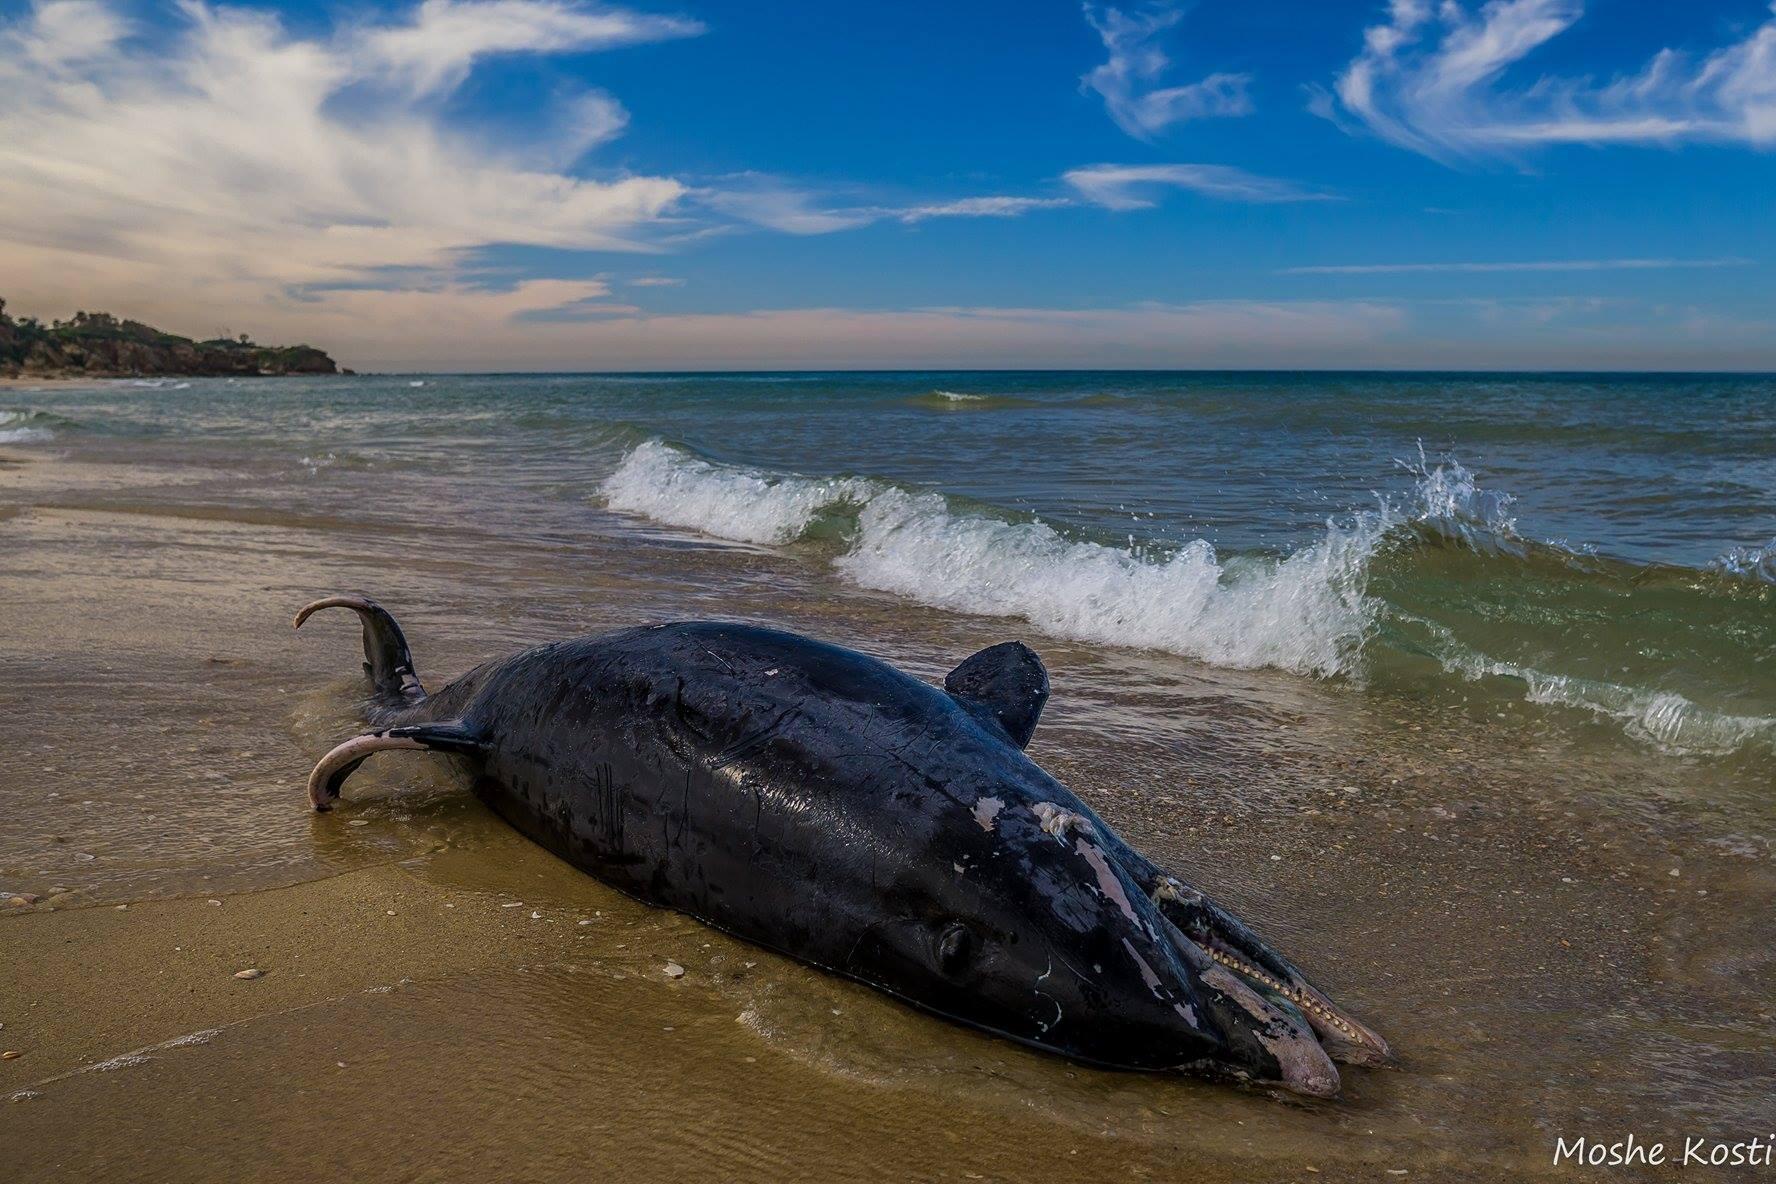 דולפין מת בפלמחים 7